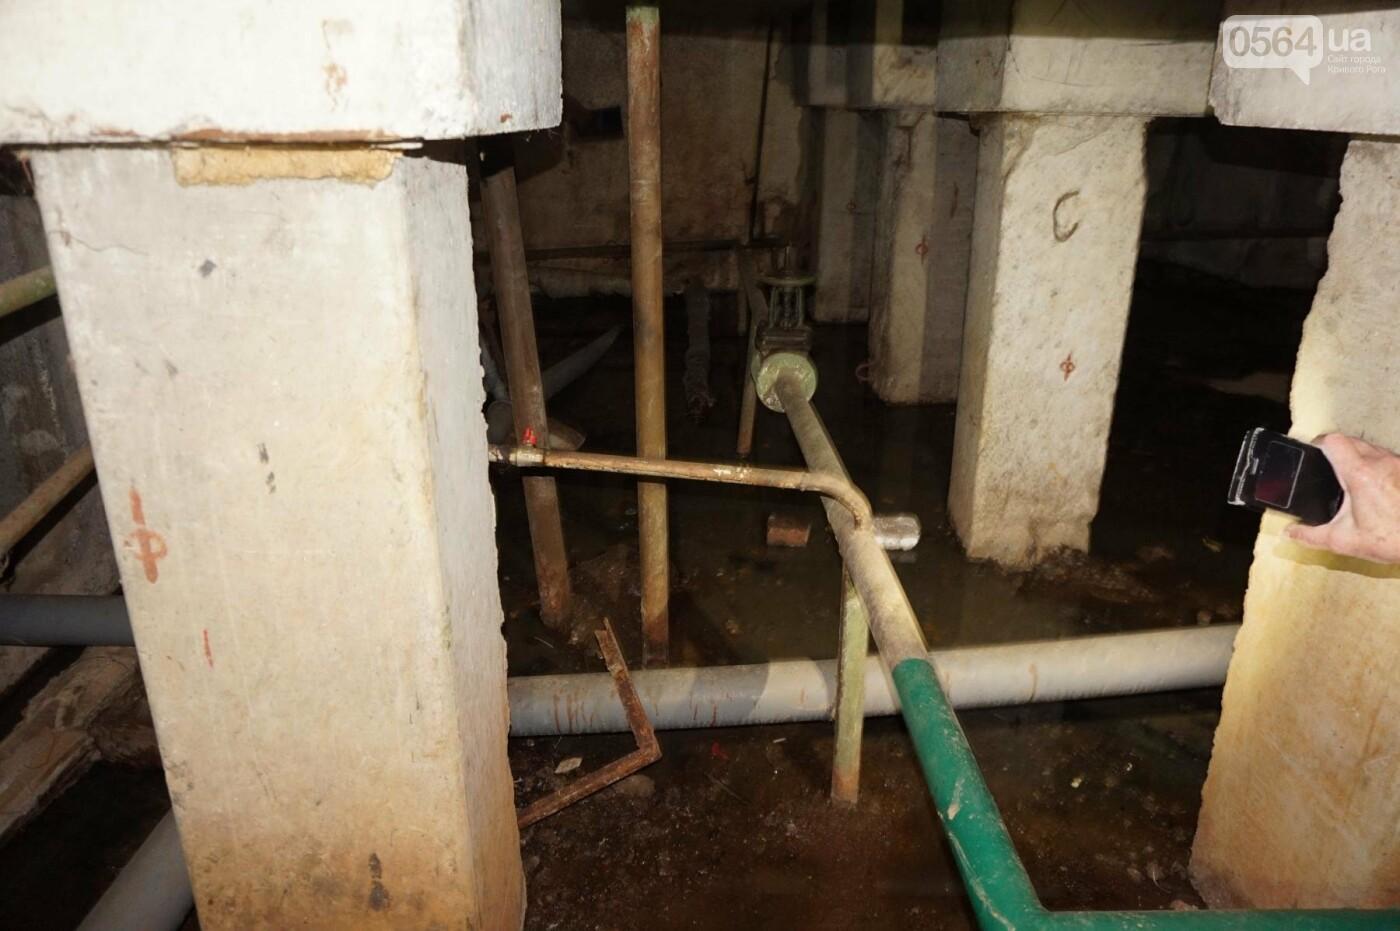 Криворожскую многоэтажку затопило фекалиями (ФОТО, ВИДЕО), фото-5